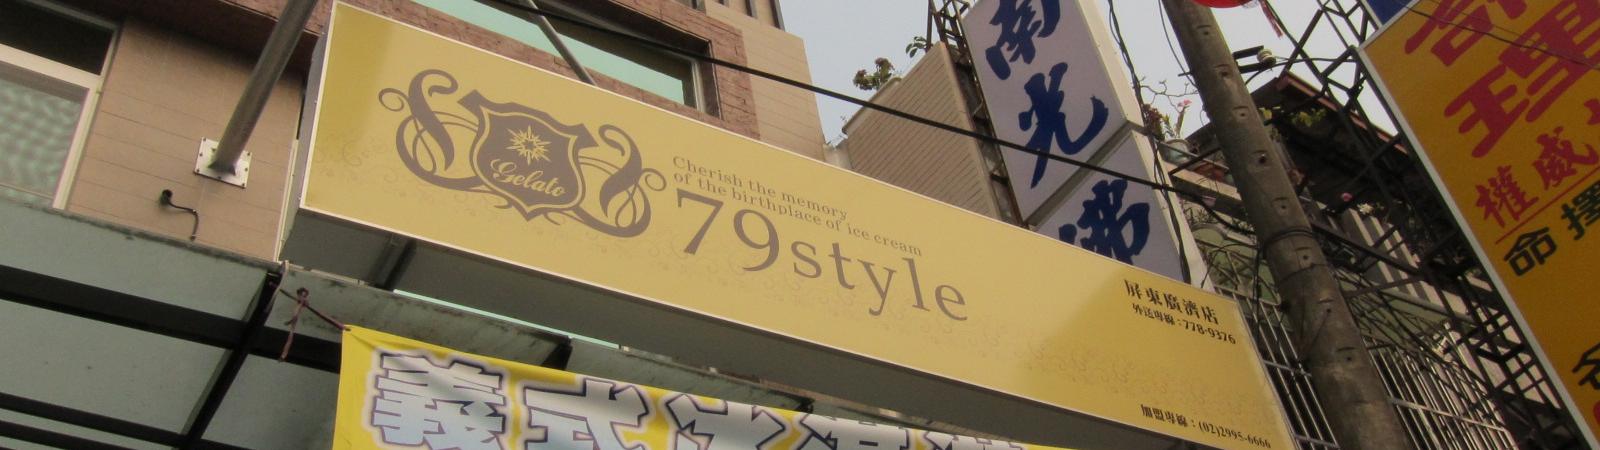 食記 屏東 79style冰店